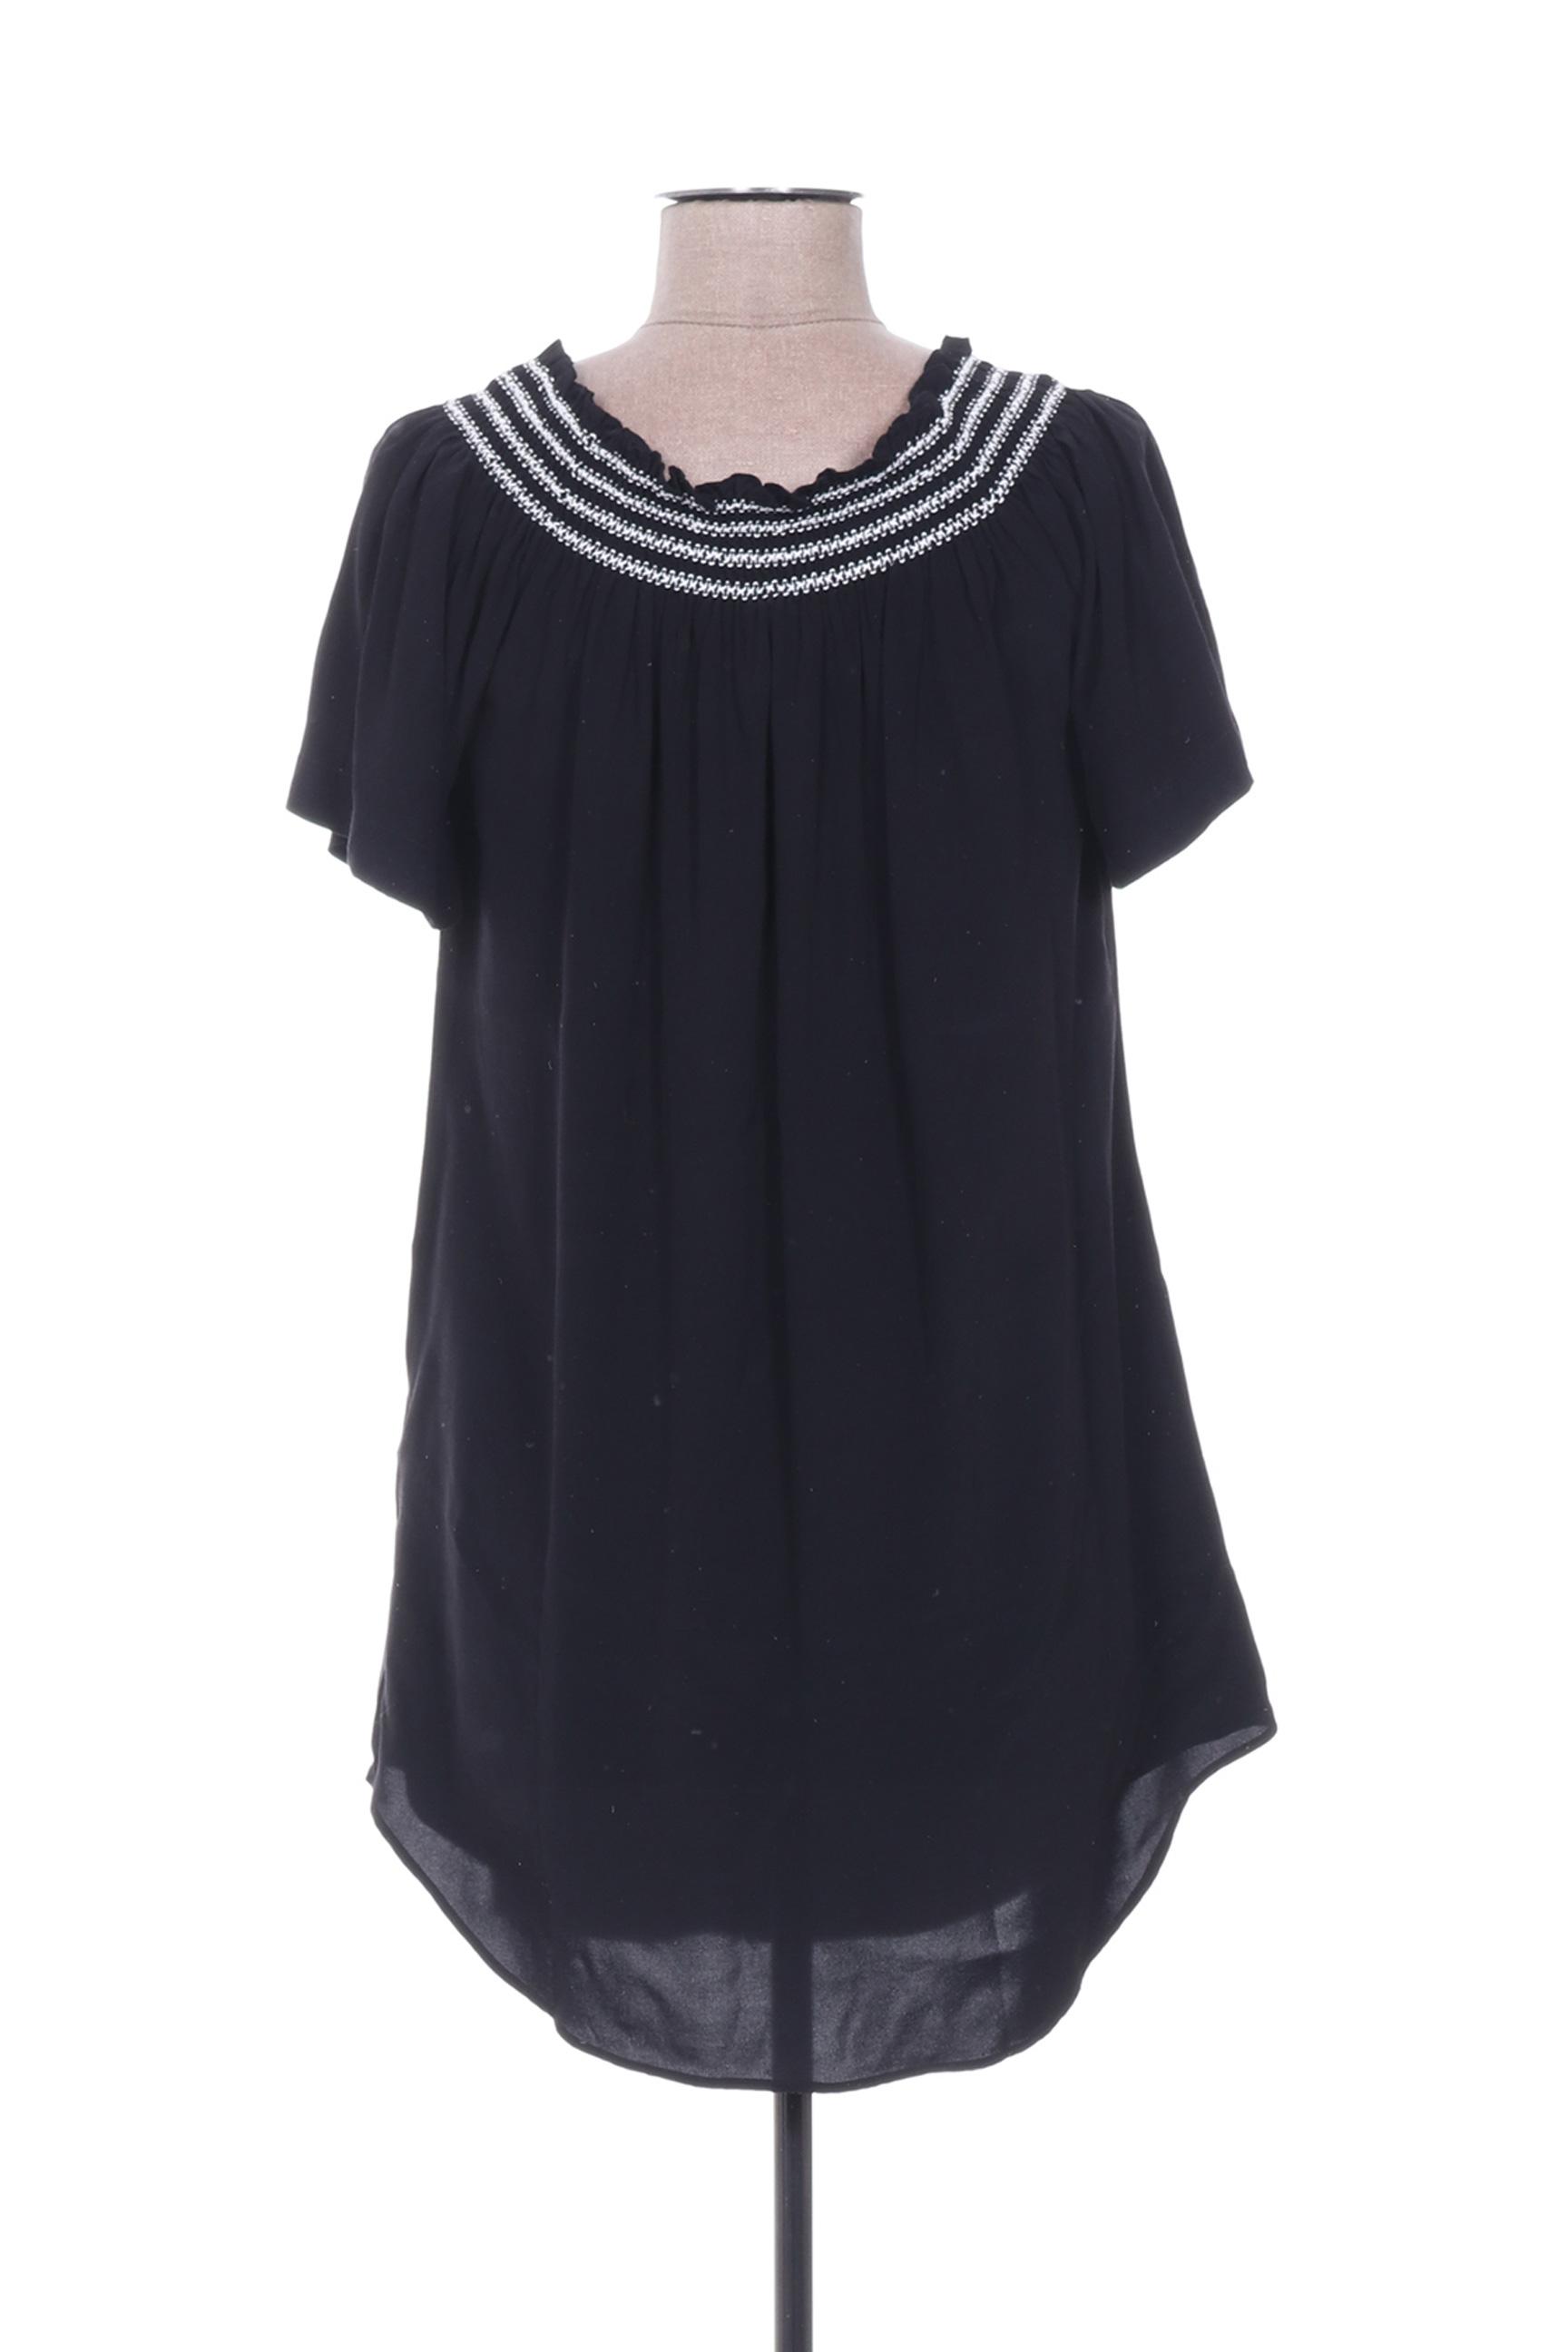 Seafolly Robes Courtes Femme De Couleur Noir En Soldes Pas Cher 1377900-noir00